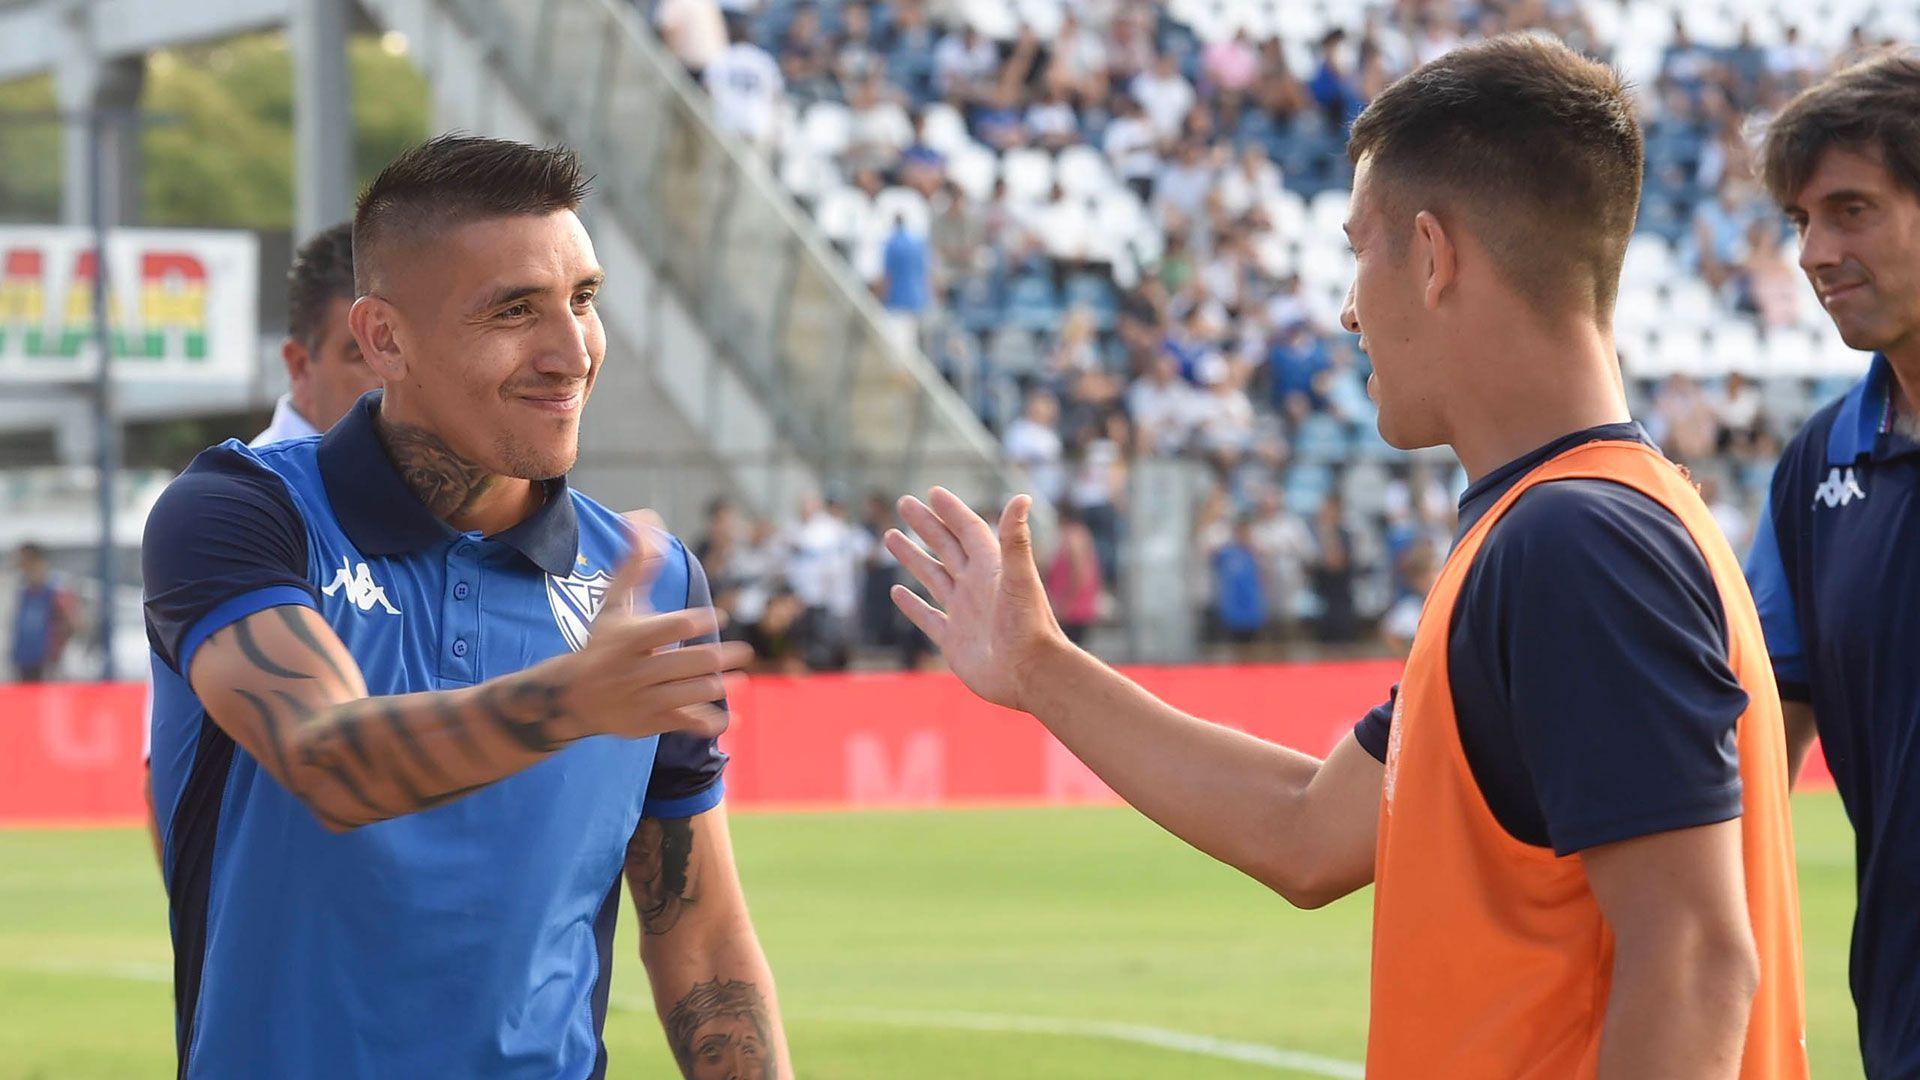 El préstamo de Ricardo Centurión en Vélez está a punto de culminar y deberá regresar a Racing, el club dueño de su ficha (Foto Baires)